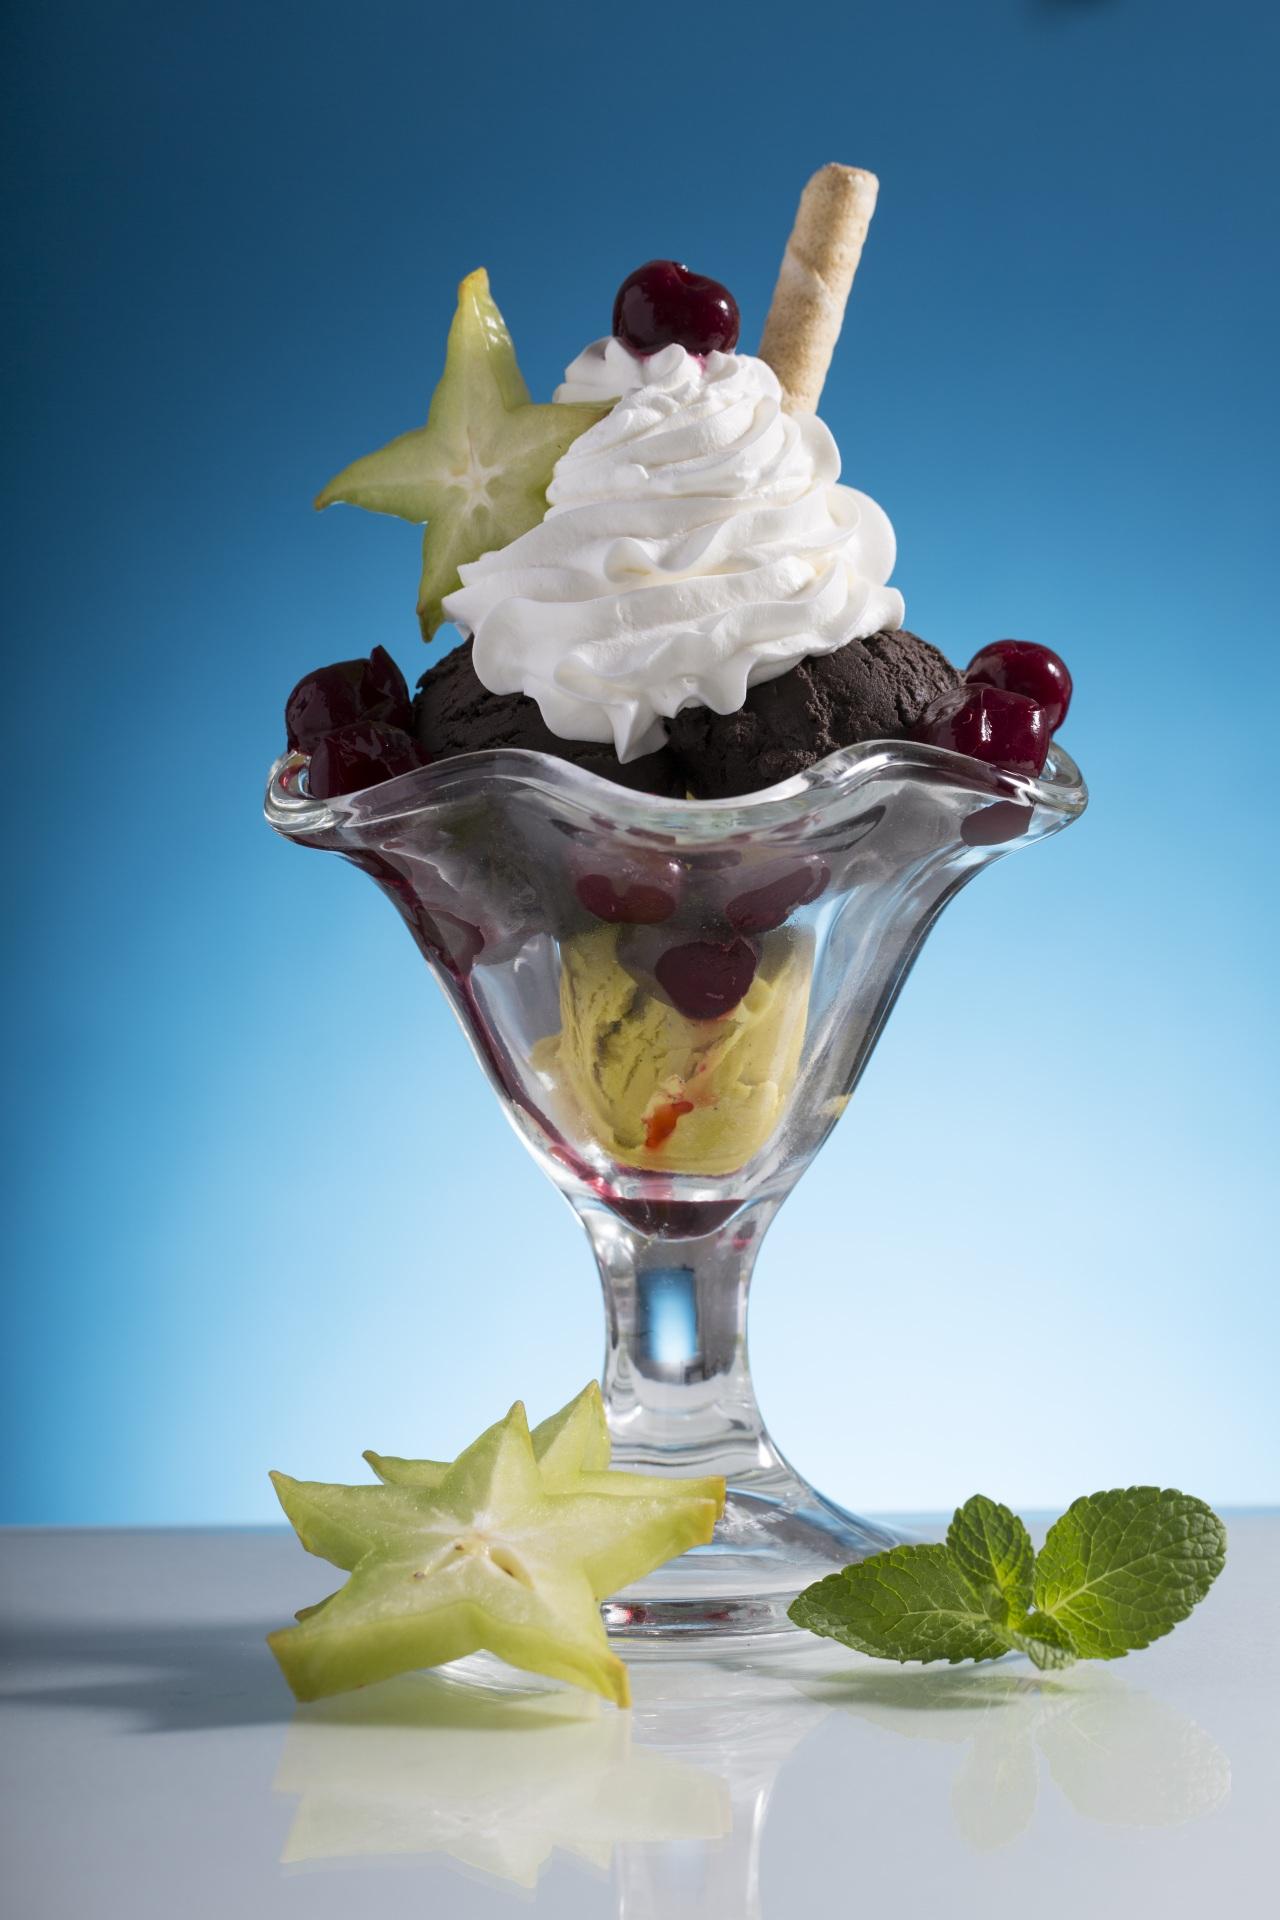 Фотография Листья Мороженое Вишня Пища Сладости 1280x1920 для мобильного телефона лист Листва Черешня Еда Продукты питания сладкая еда